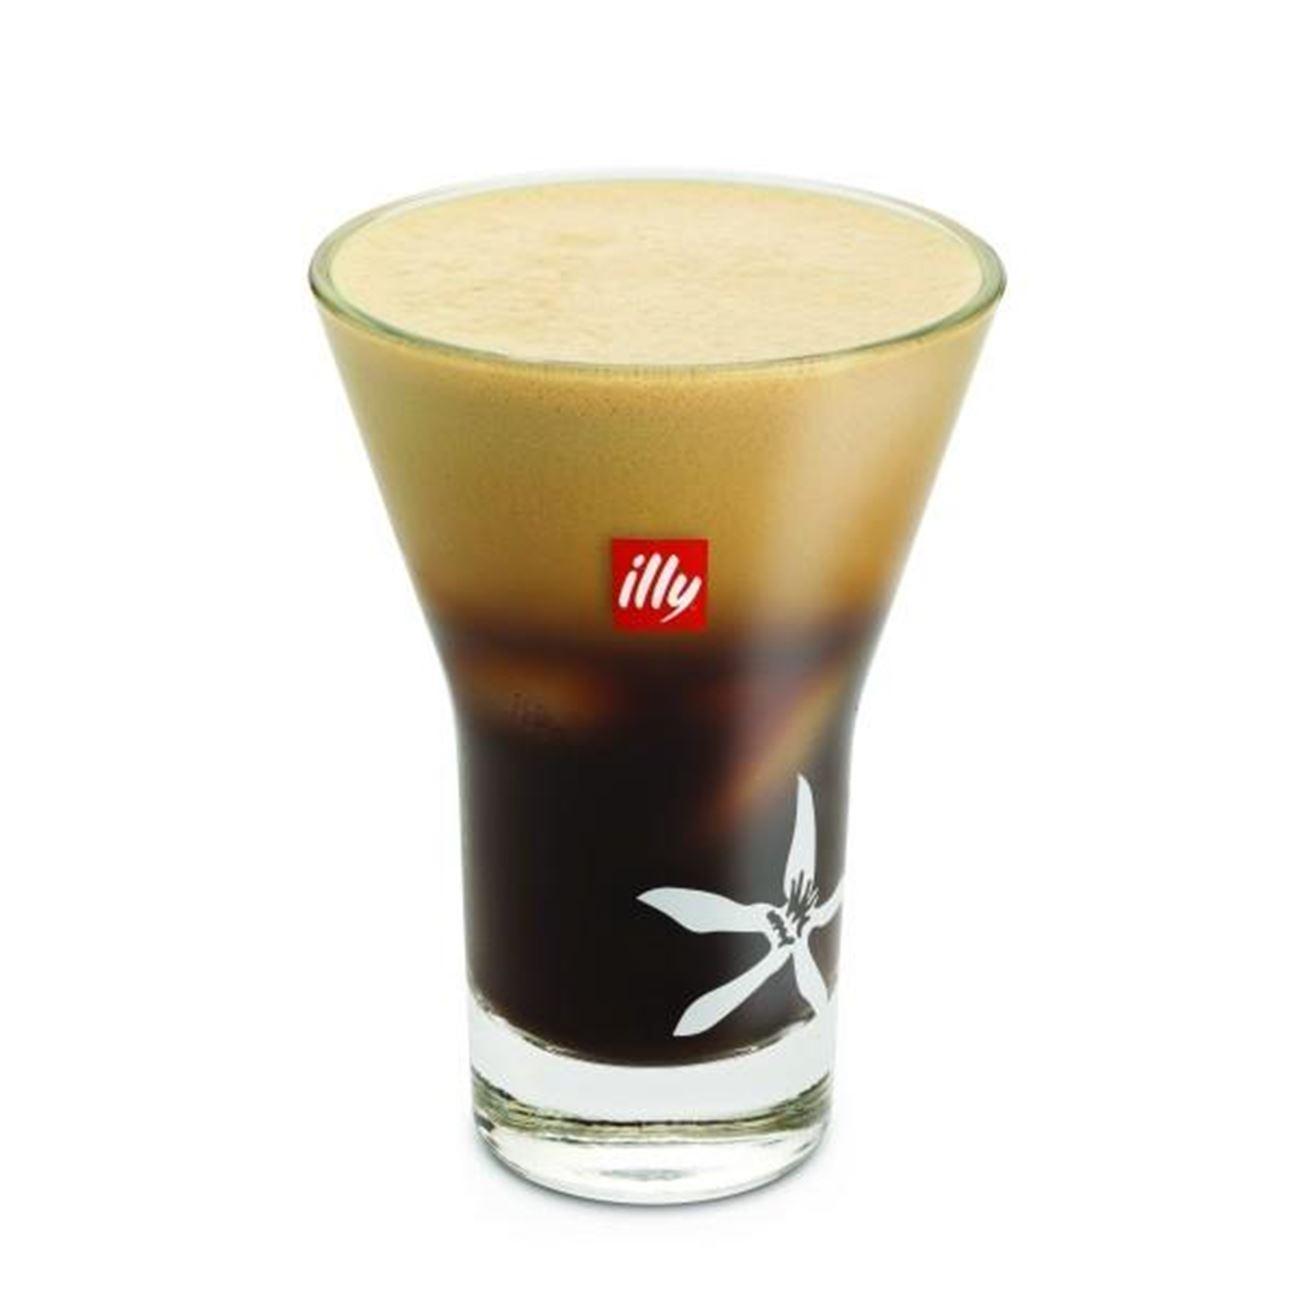 ΠΟΤΗΡΙ illy FREDDO espresso 27cl 2010